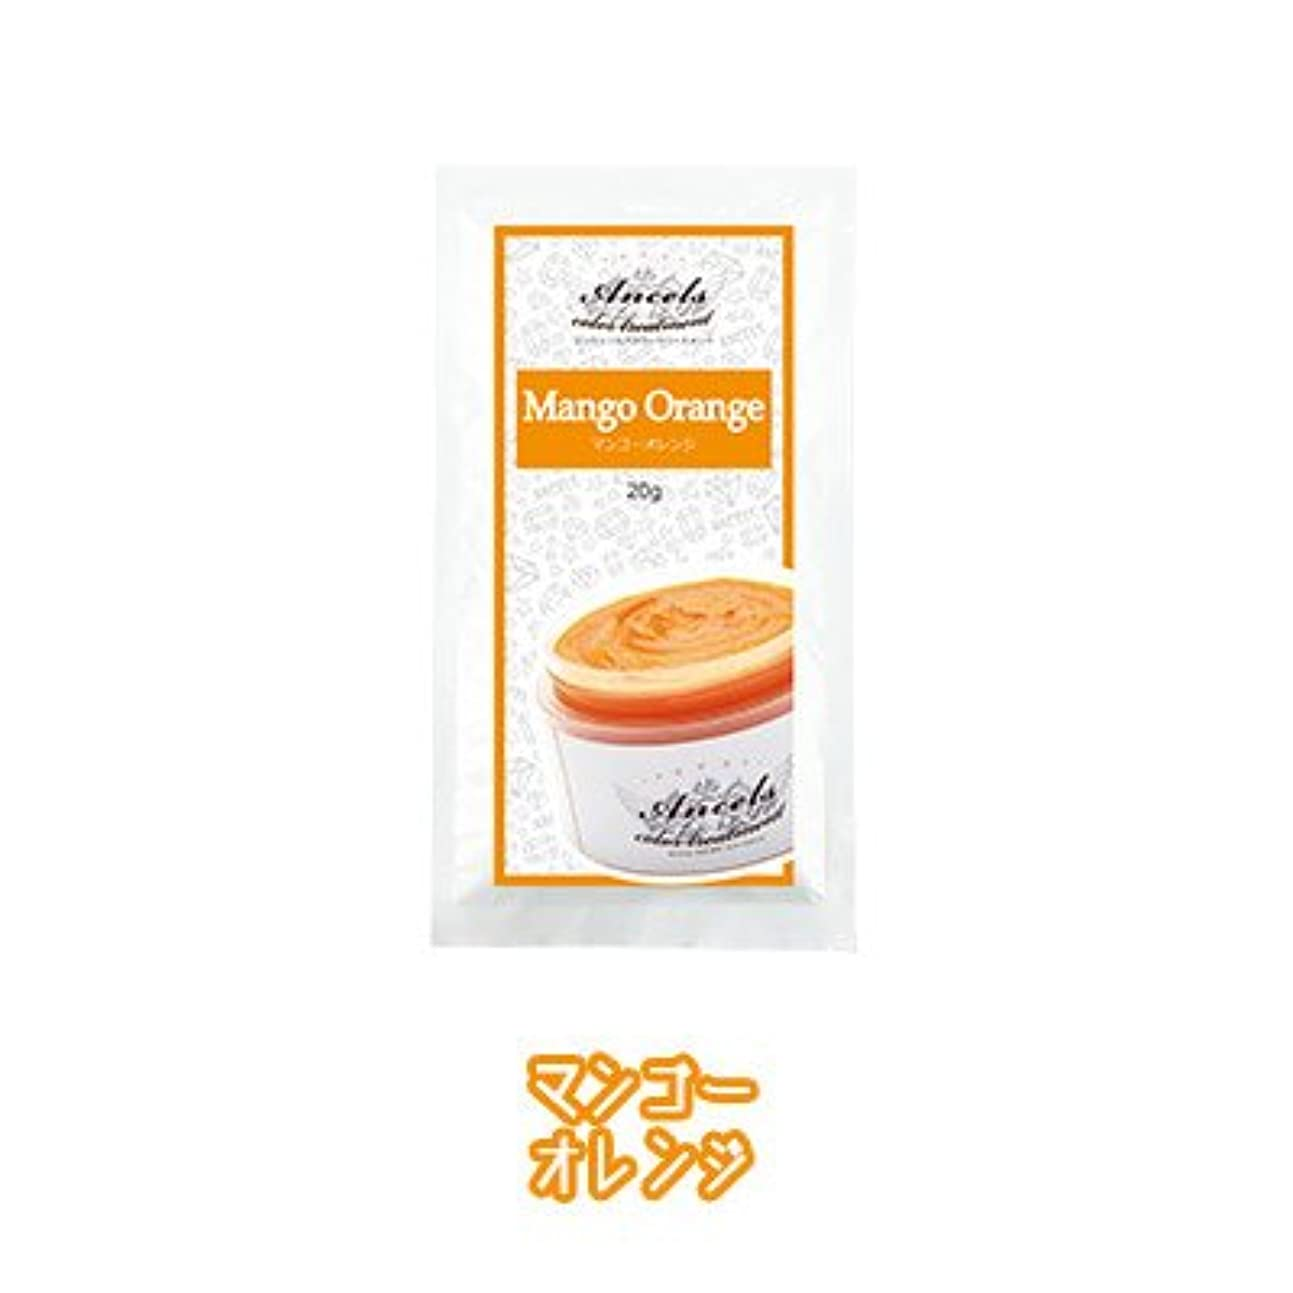 操作撤退パラダイスエンシェールズ カラートリートメントバター プチ(お試しサイズ) マンゴーオレンジ 20g